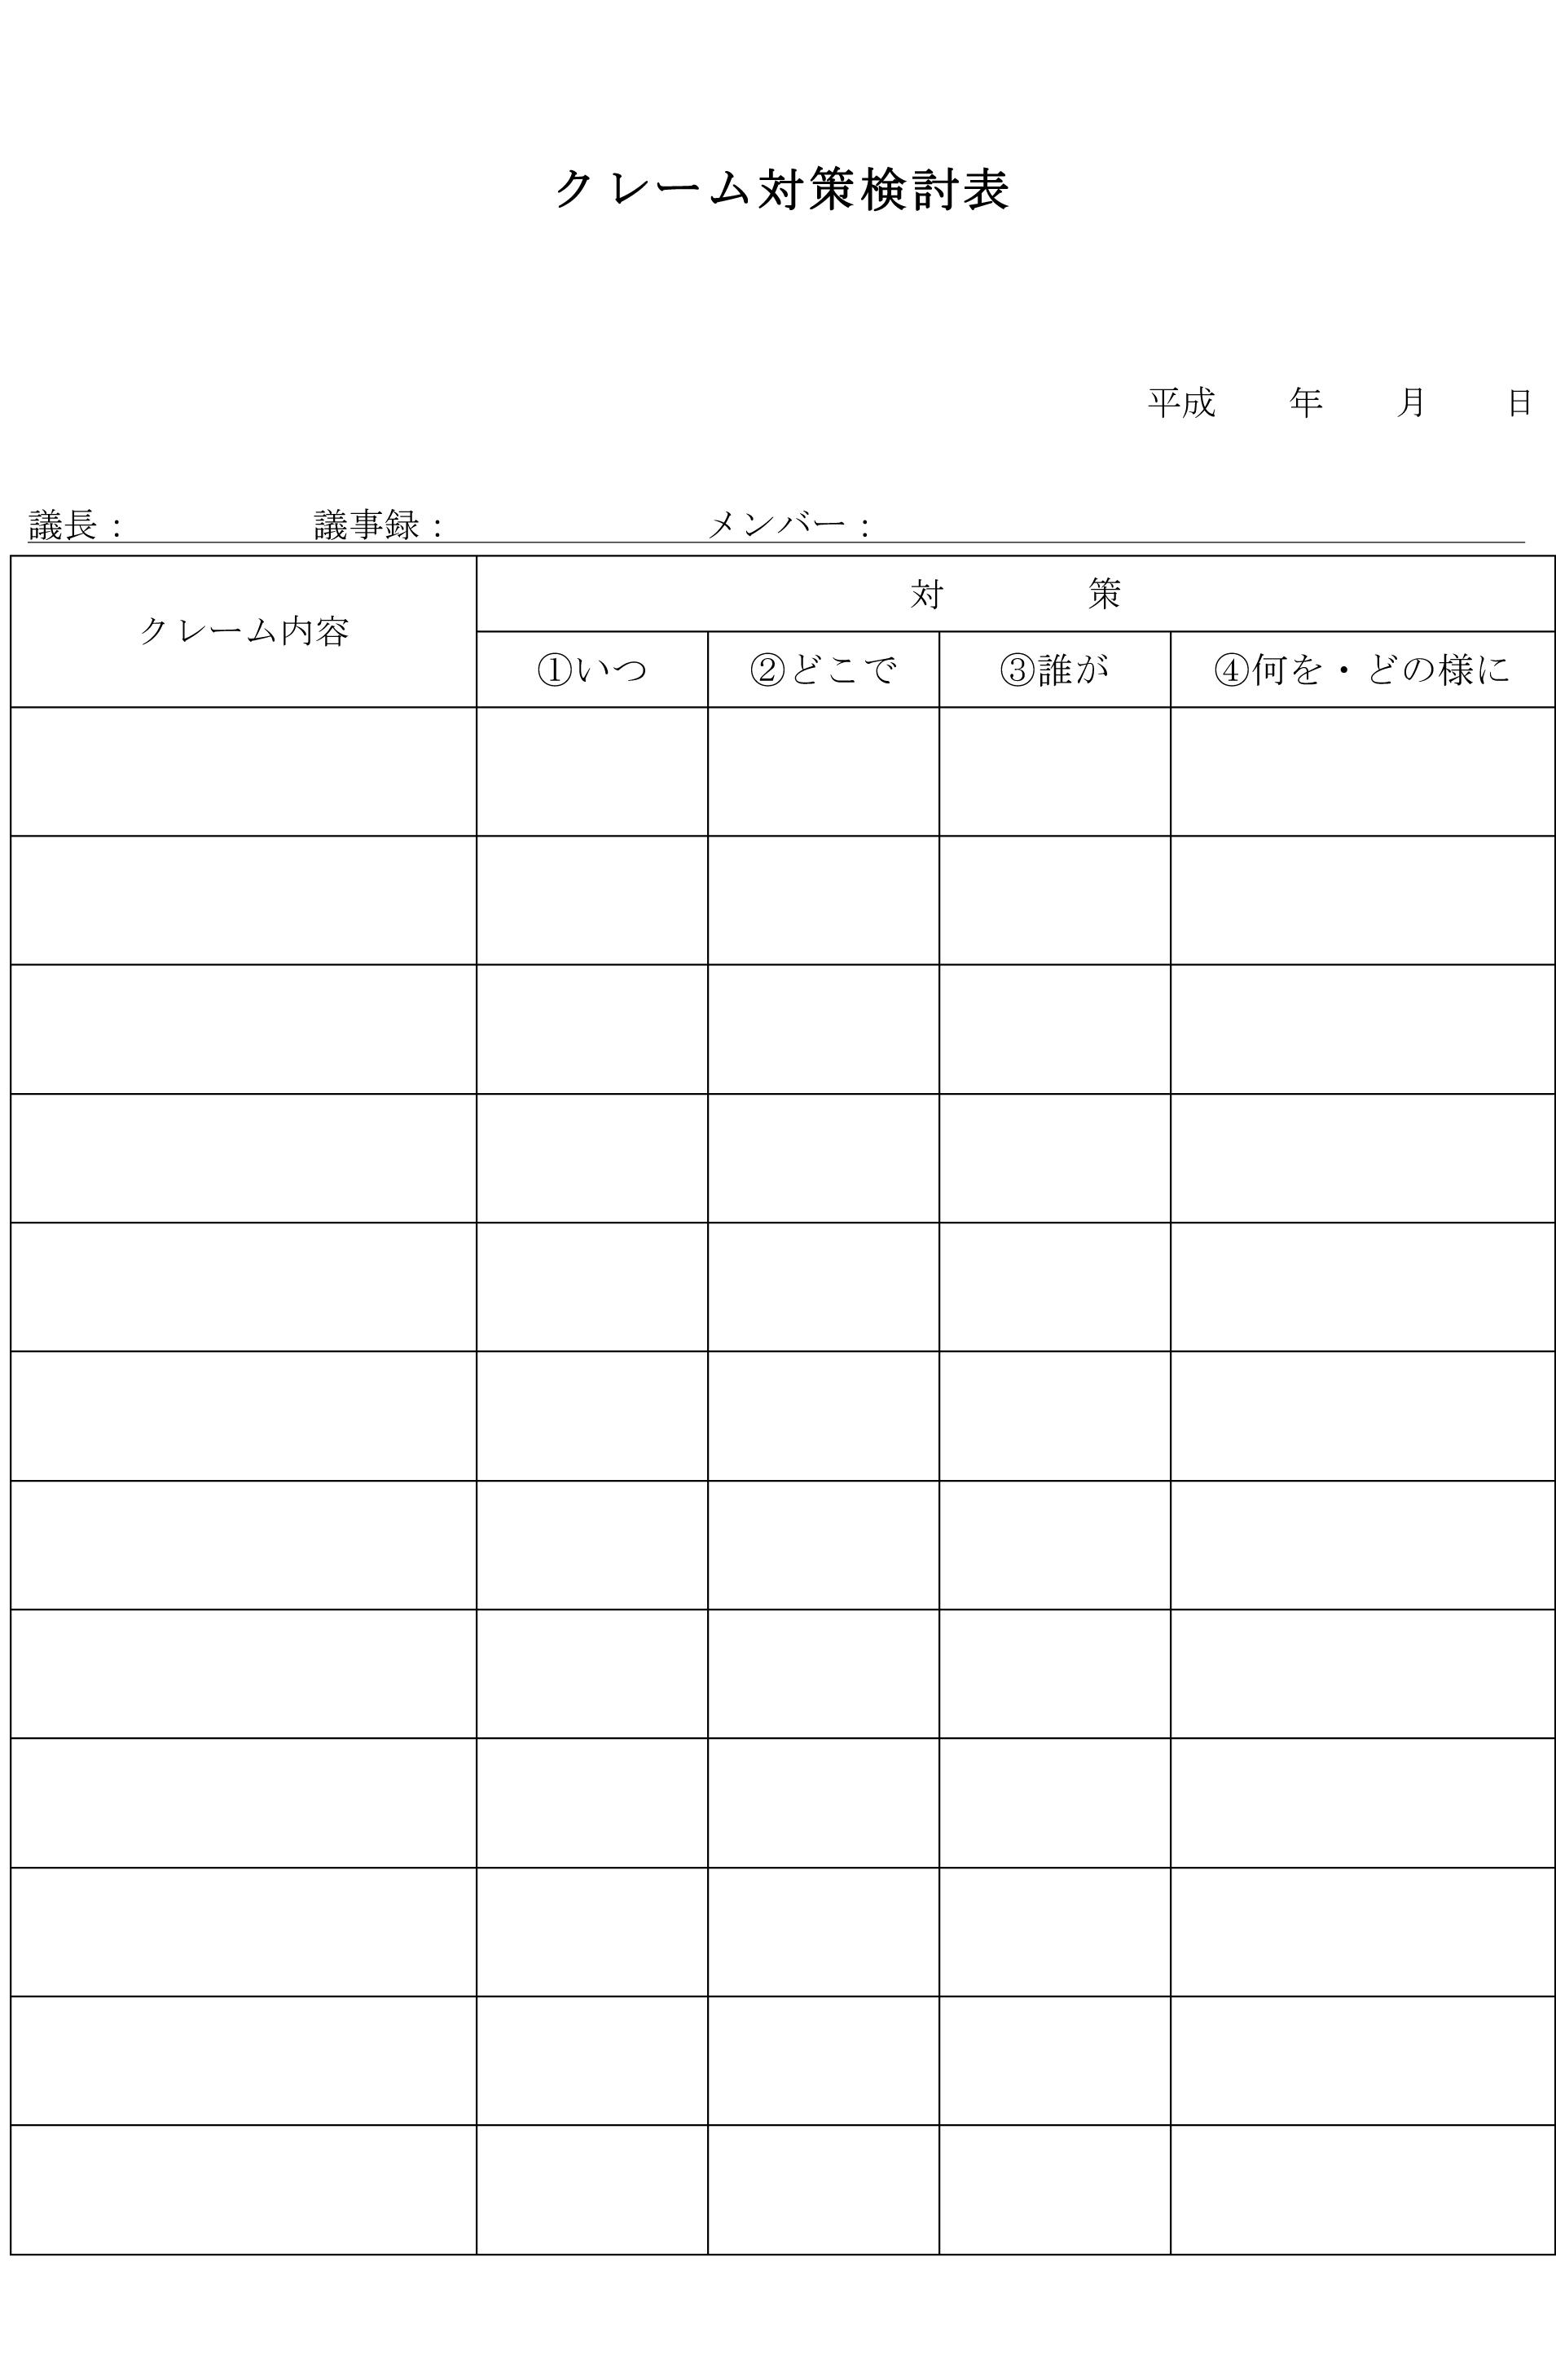 クレーム対策検討表